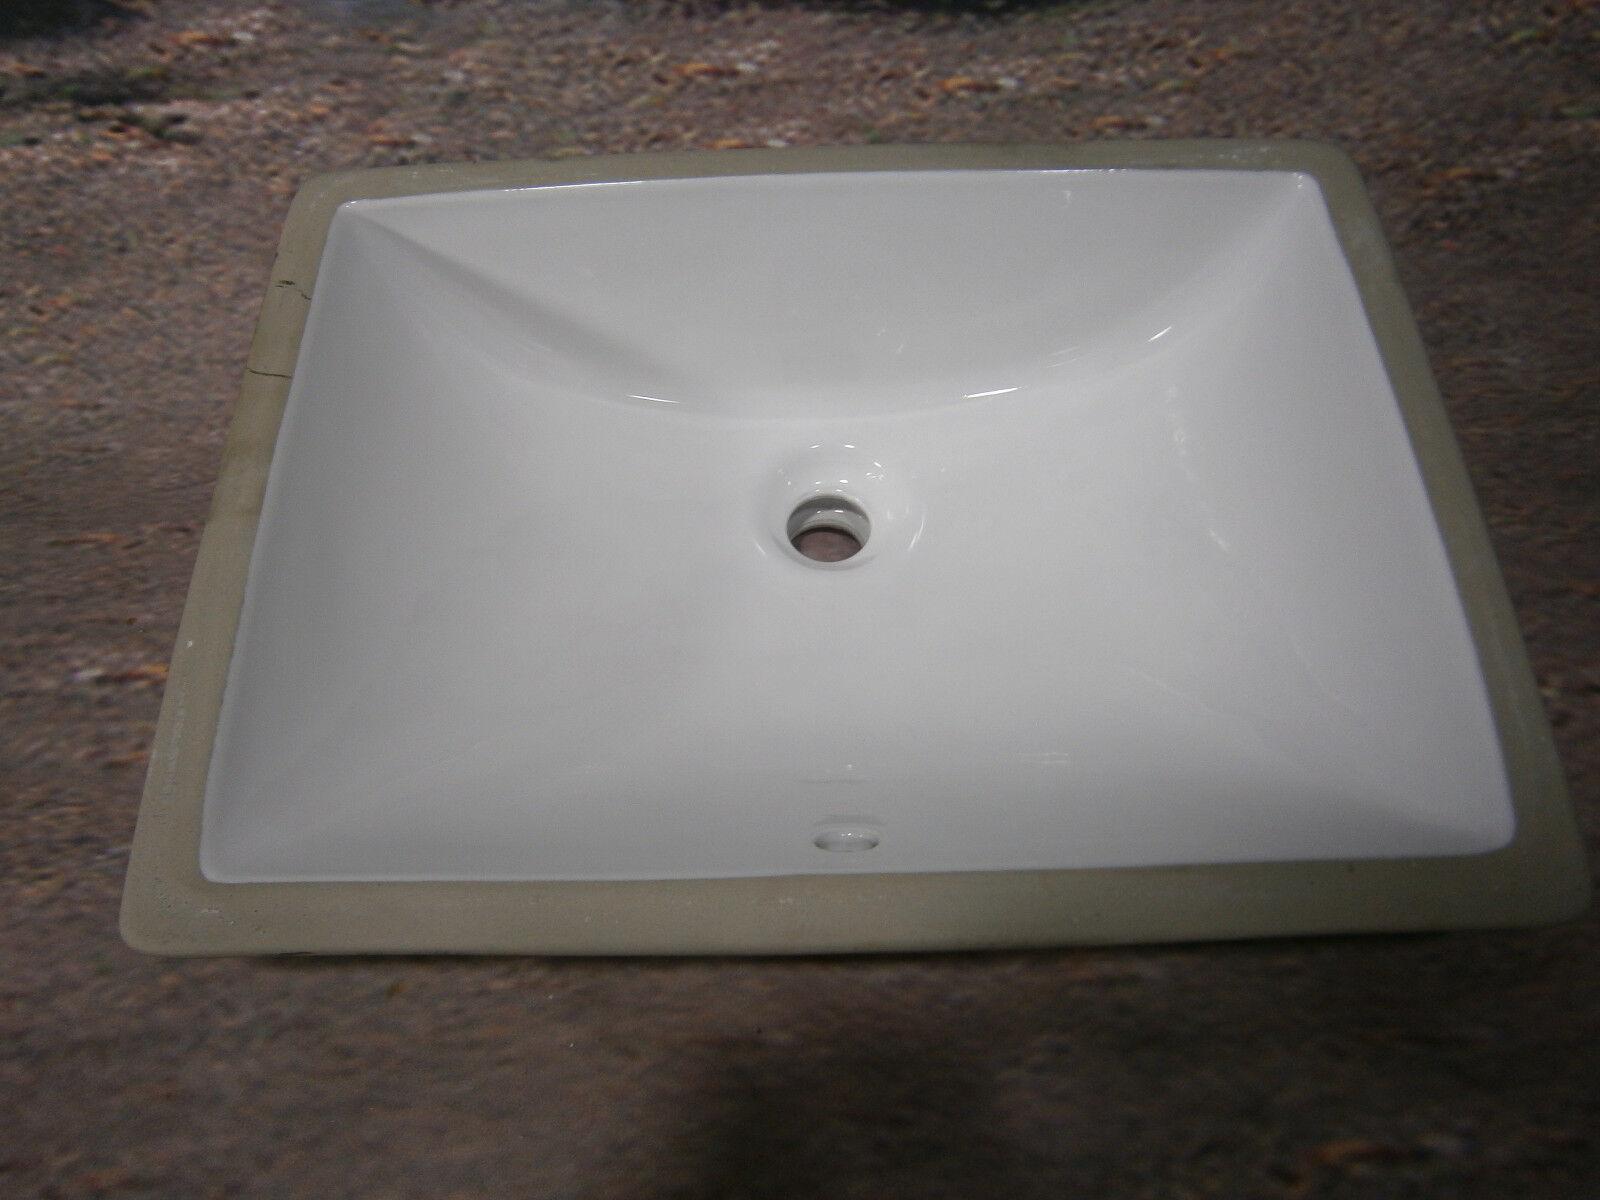 White Undermount Rectangular Bathroom Sink With Overflow